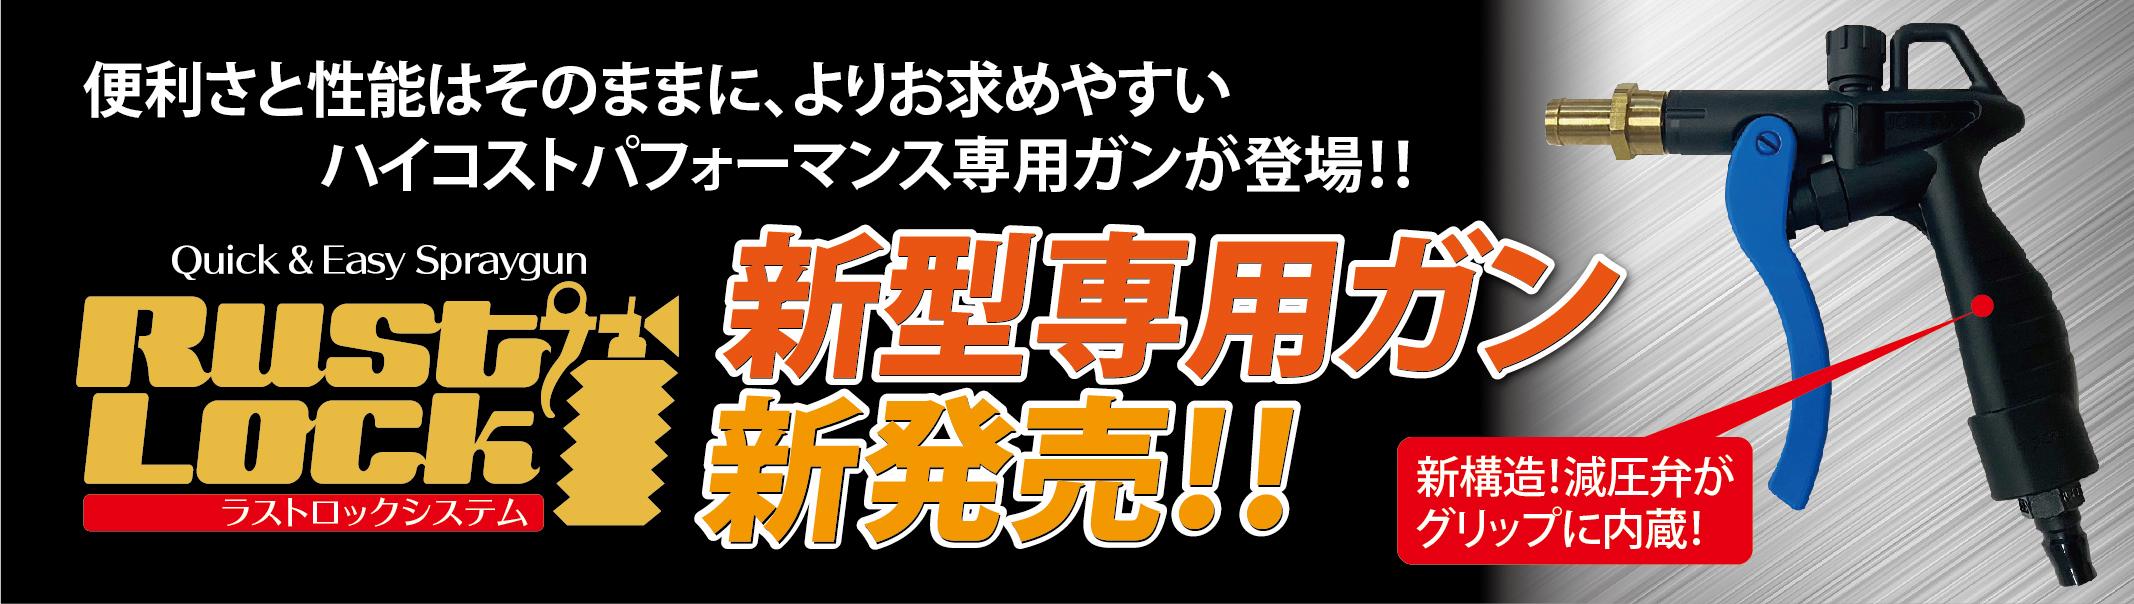 新型ガン新発売!